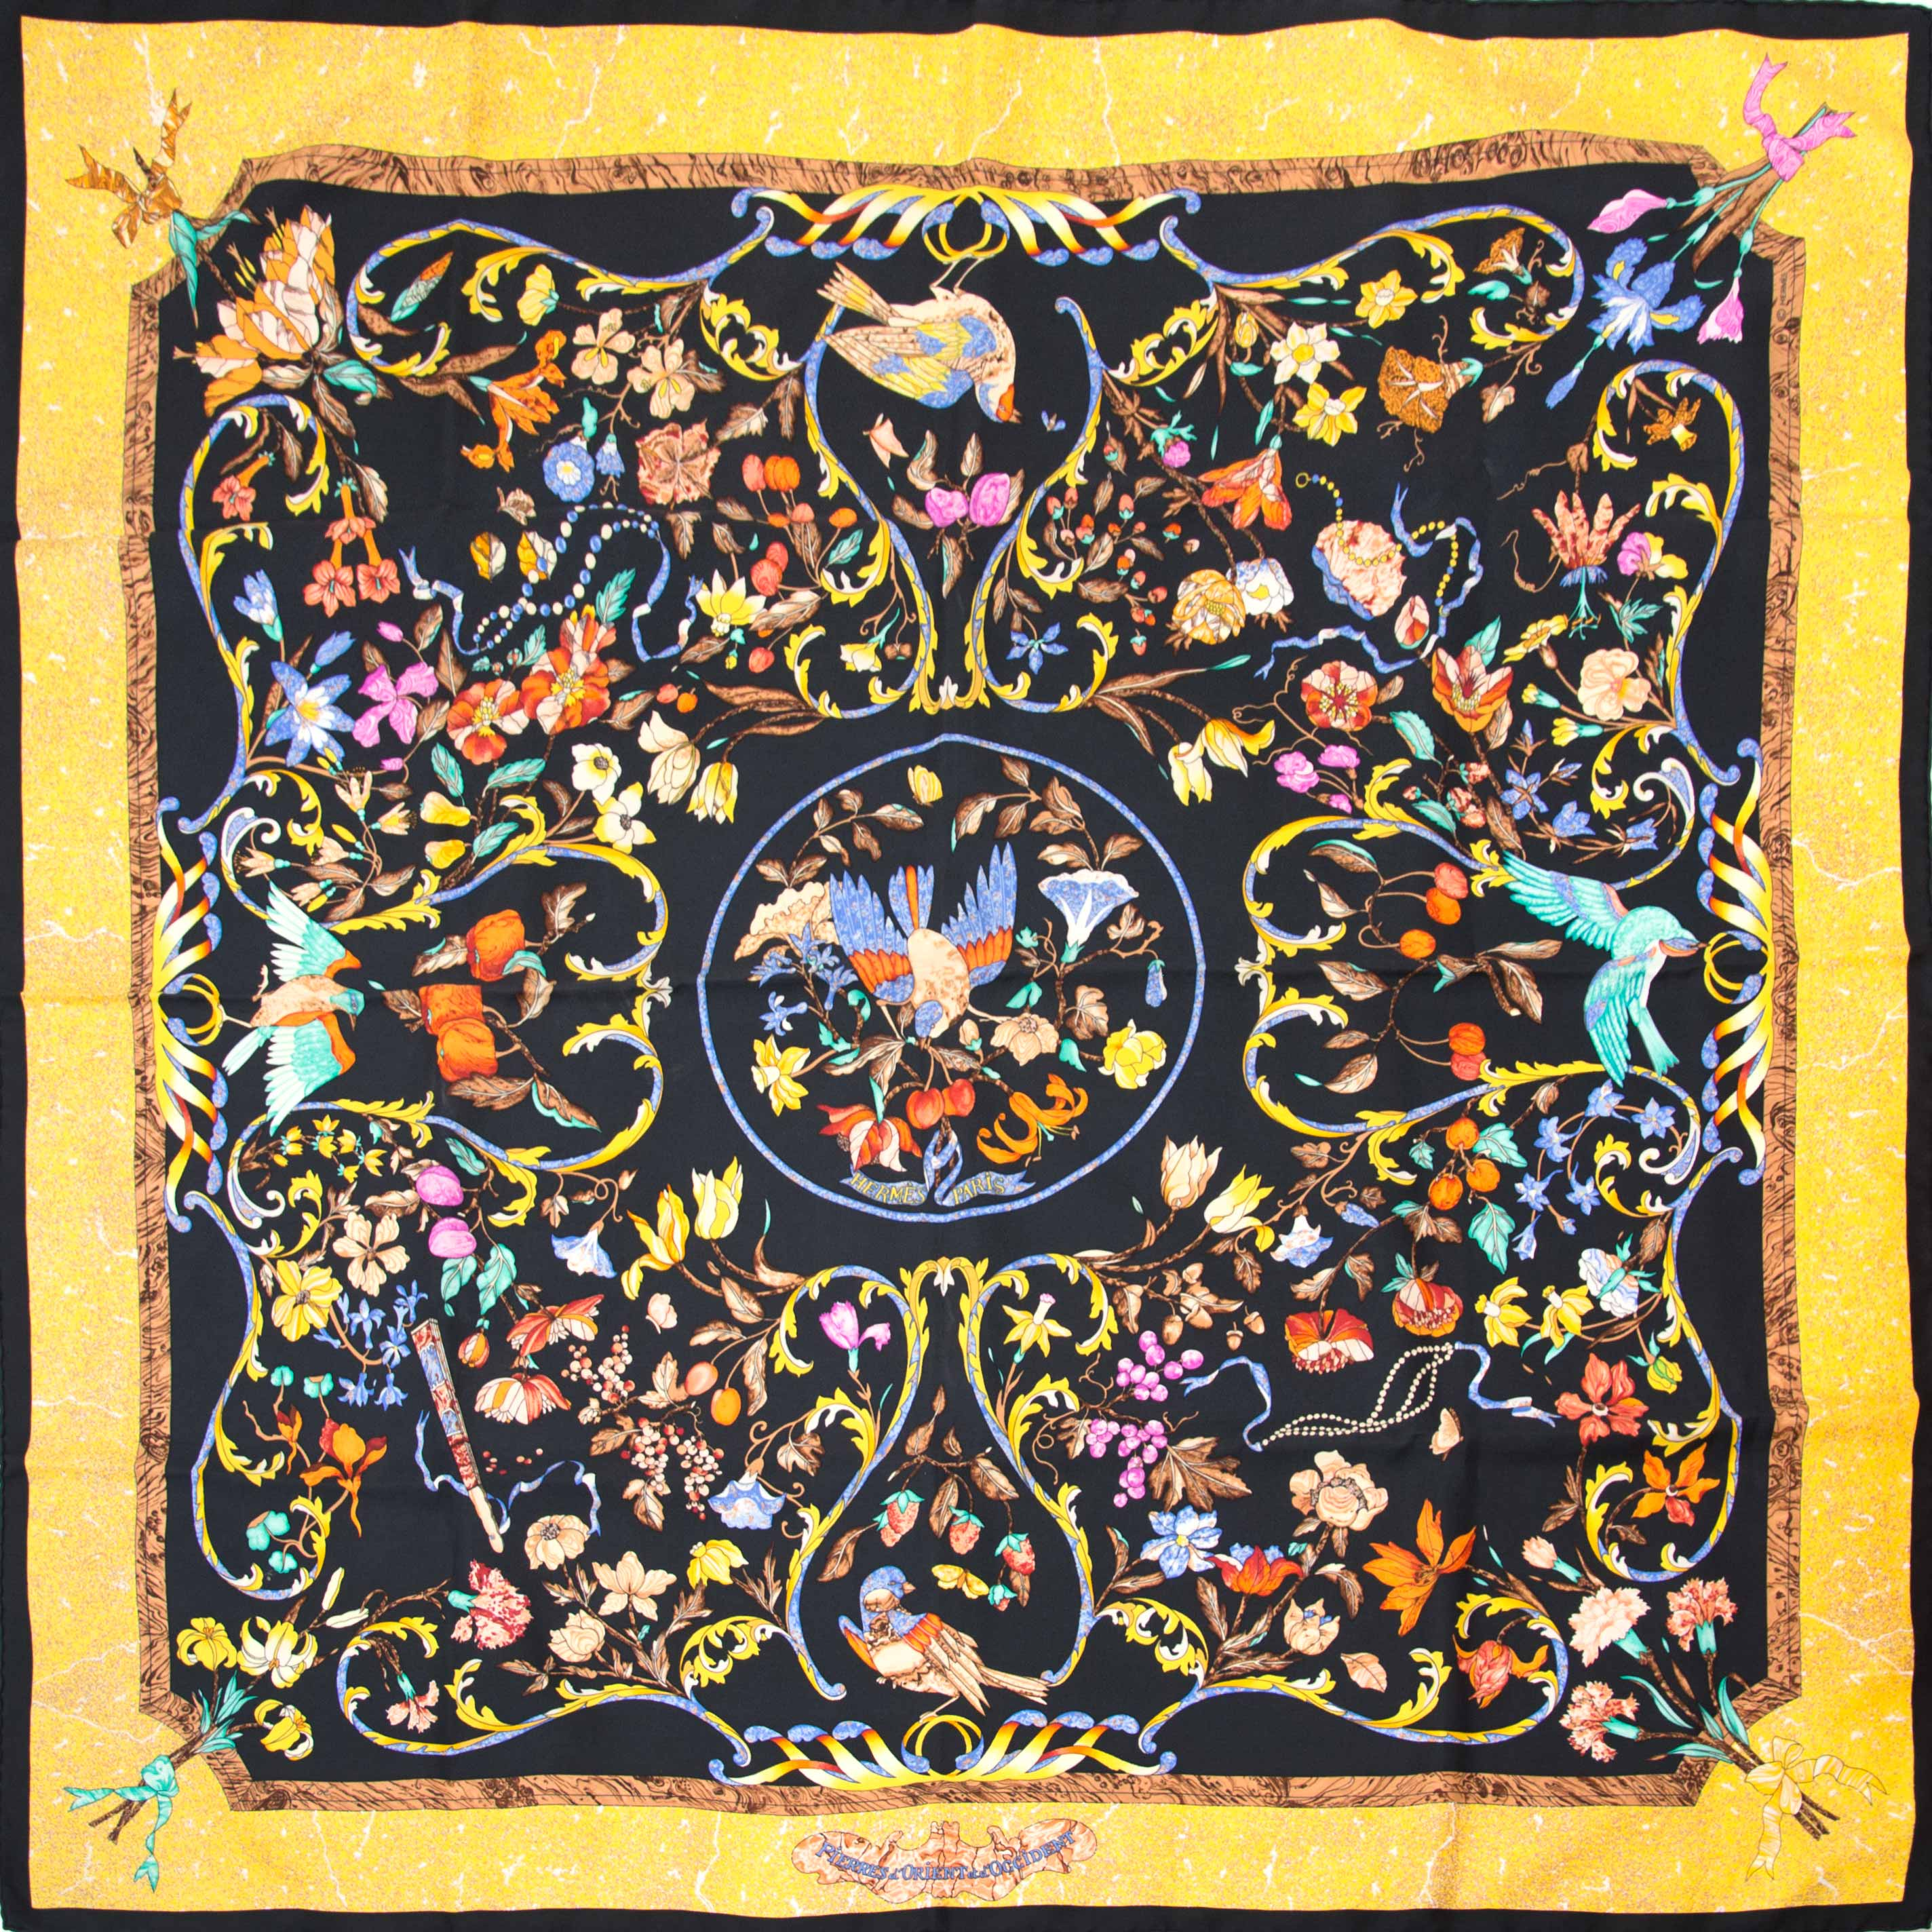 Koop nu jouw tweedehands Hermès Silk Scarf Carré Pierres d'Orient et d'Occident online op labellov.com